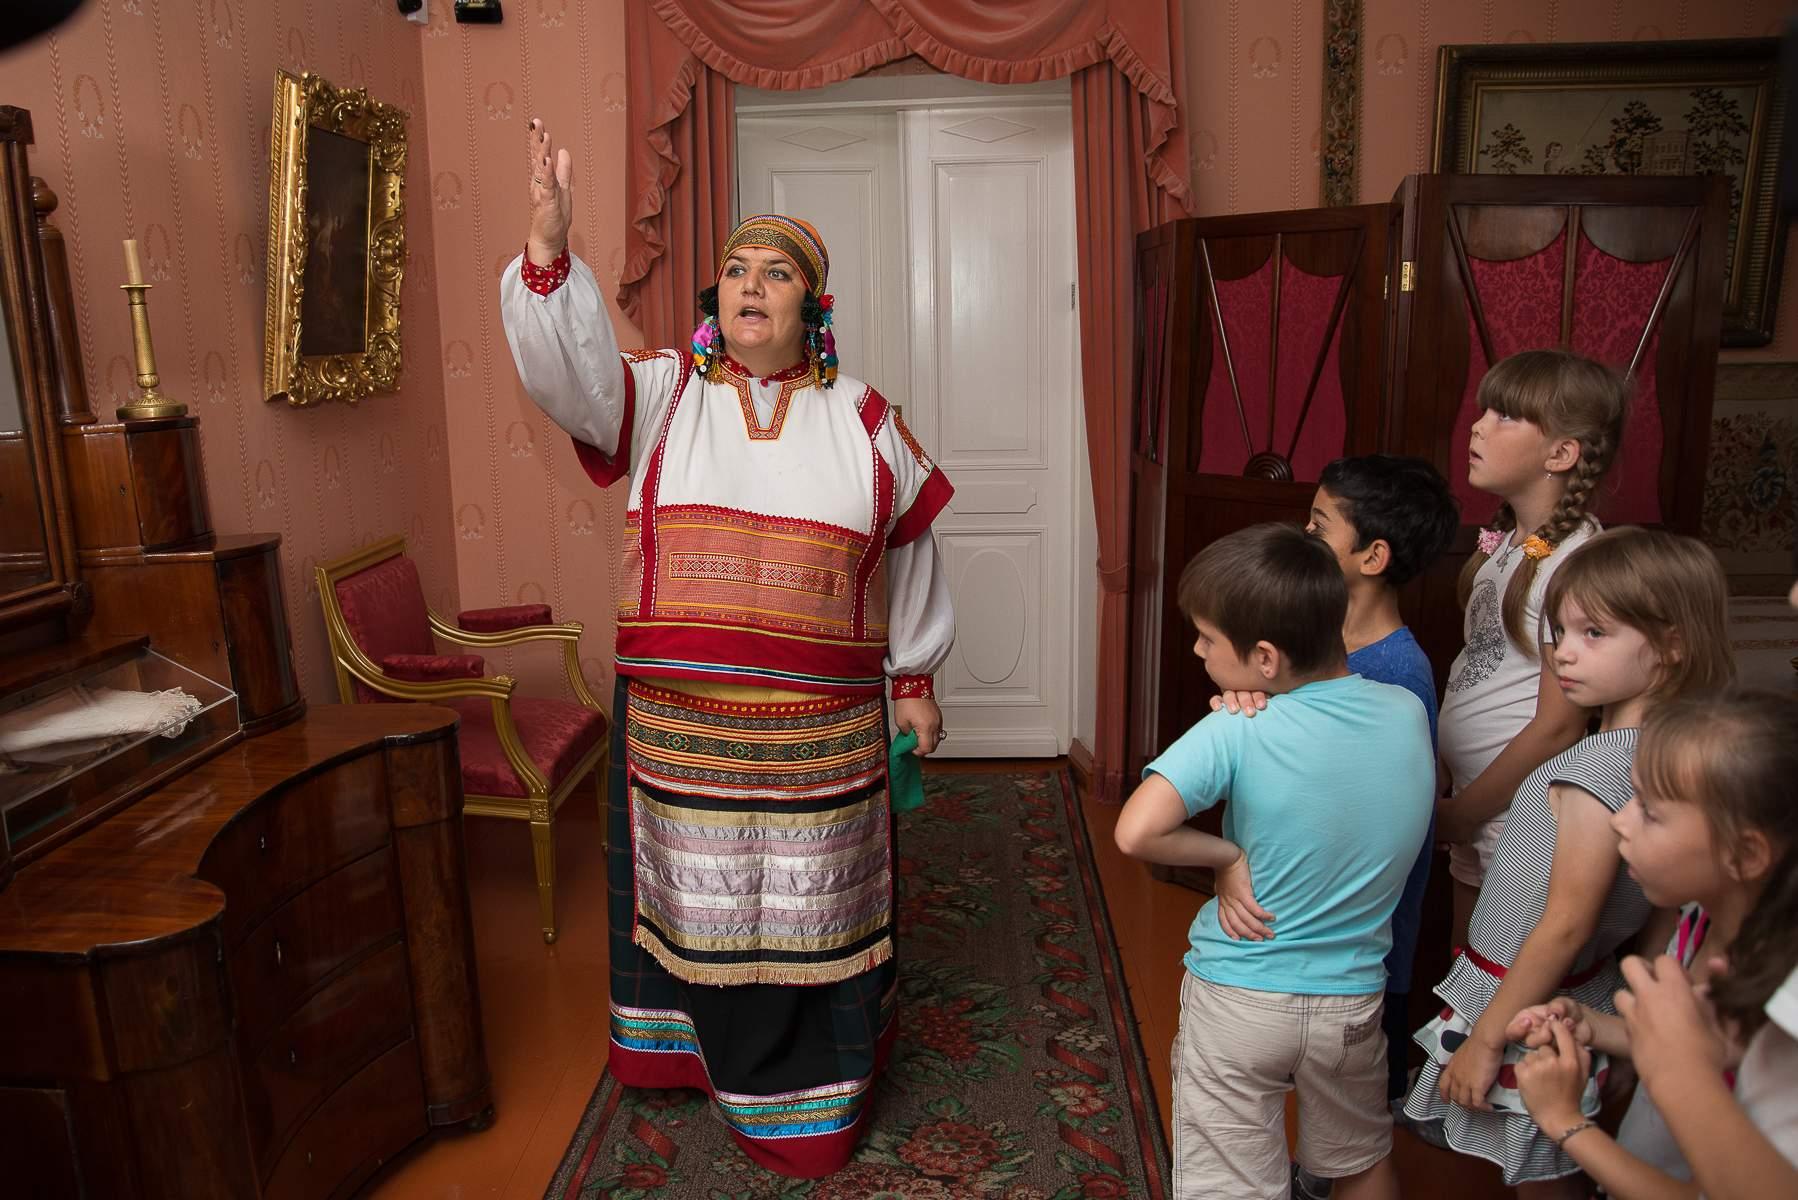 День памяти М.Ю. Лермонтова 27 июля 2019 года в музее «Тарханы». Театрализованная экскурсия для детей в барском доме